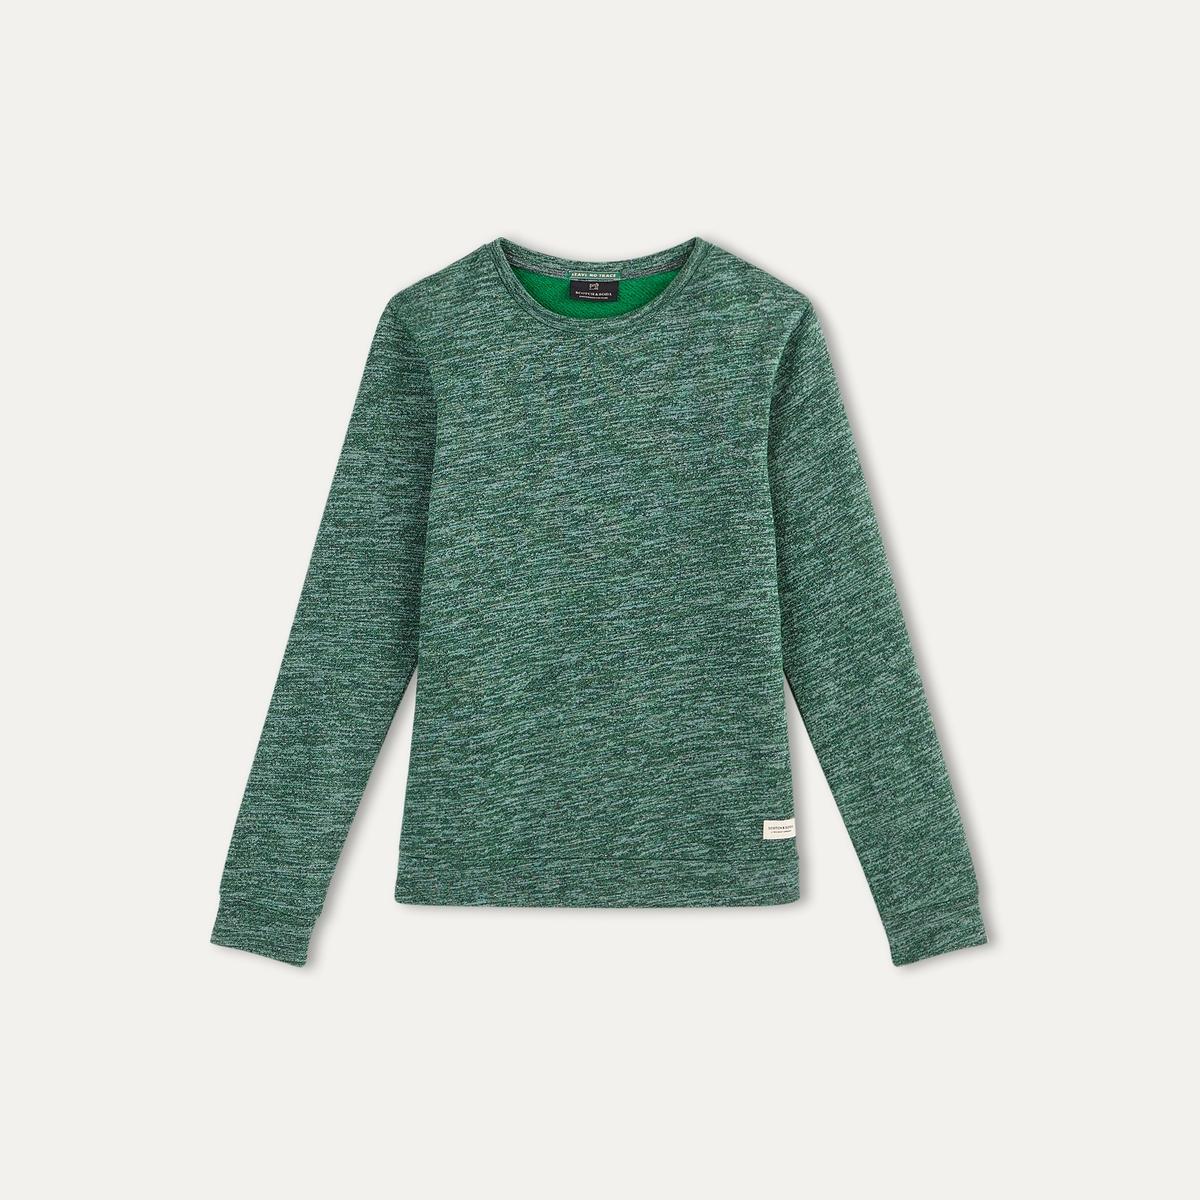 Пуловер меланжевыйСостав и описание    Материал : 75% хлопка, 25% полиэстера   Марка : SCOTCH AND SODA<br><br>Цвет: зеленый меланж